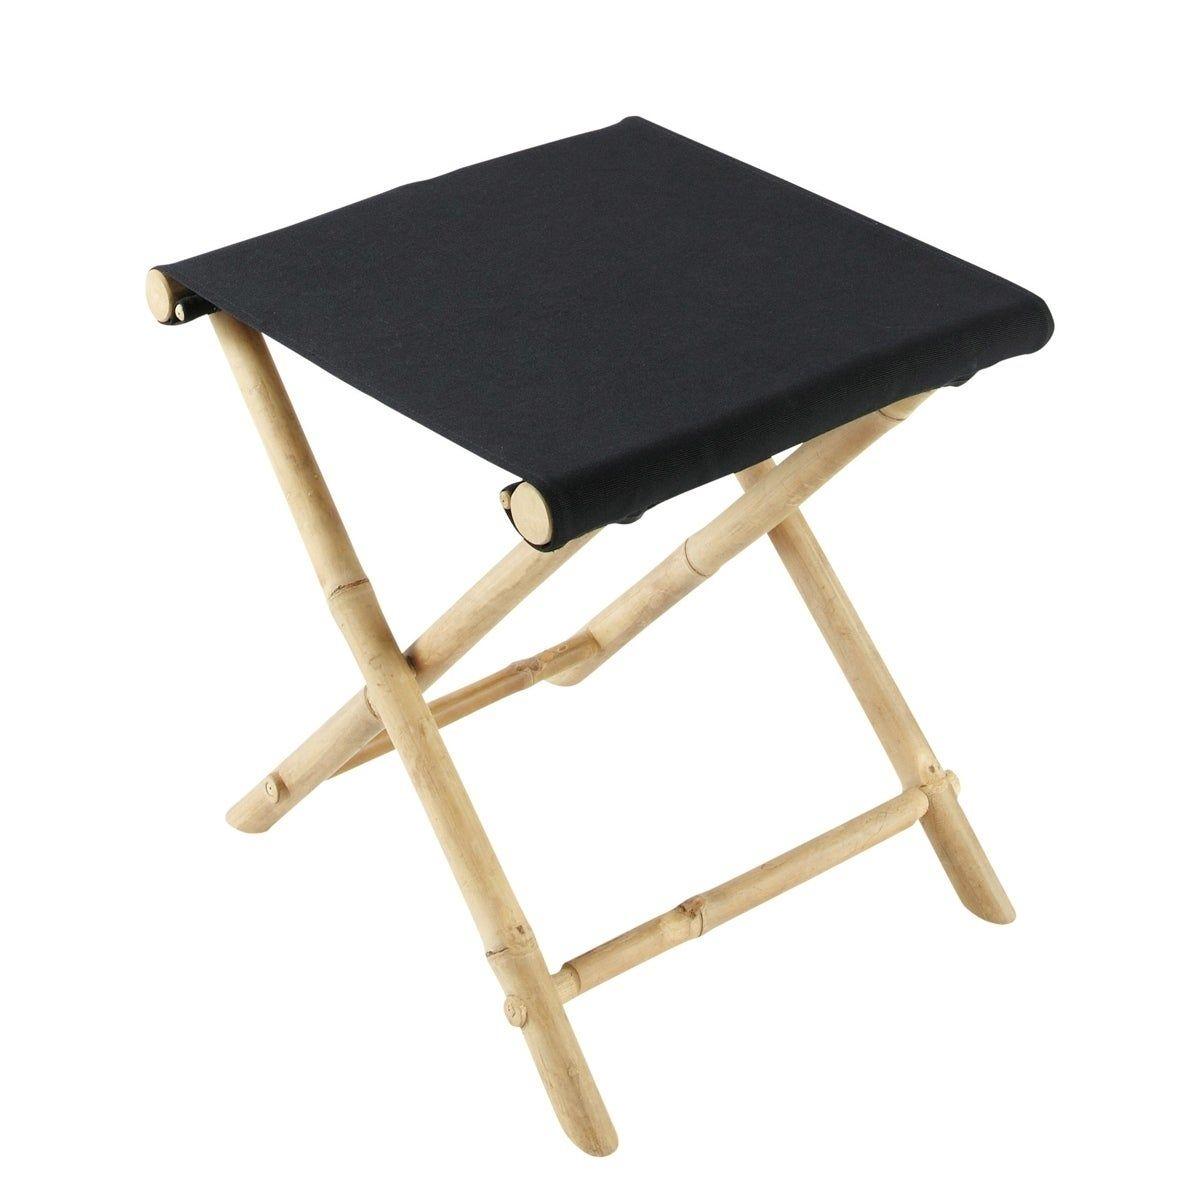 Black Bamboo luggage rack / Stool